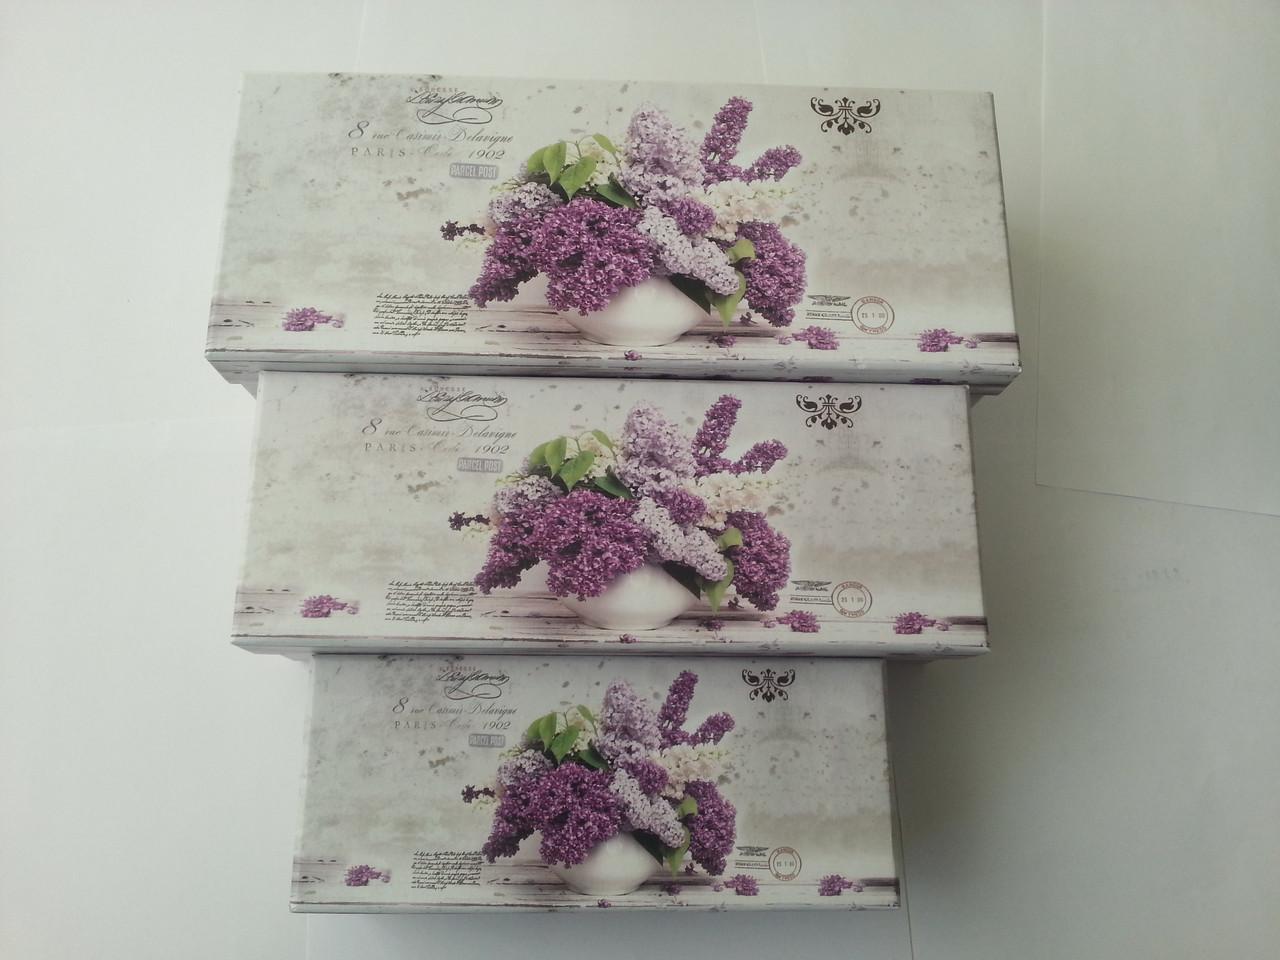 Коробка прямоугольная картонная 18.8x7.8x4.8cm Украина -04302